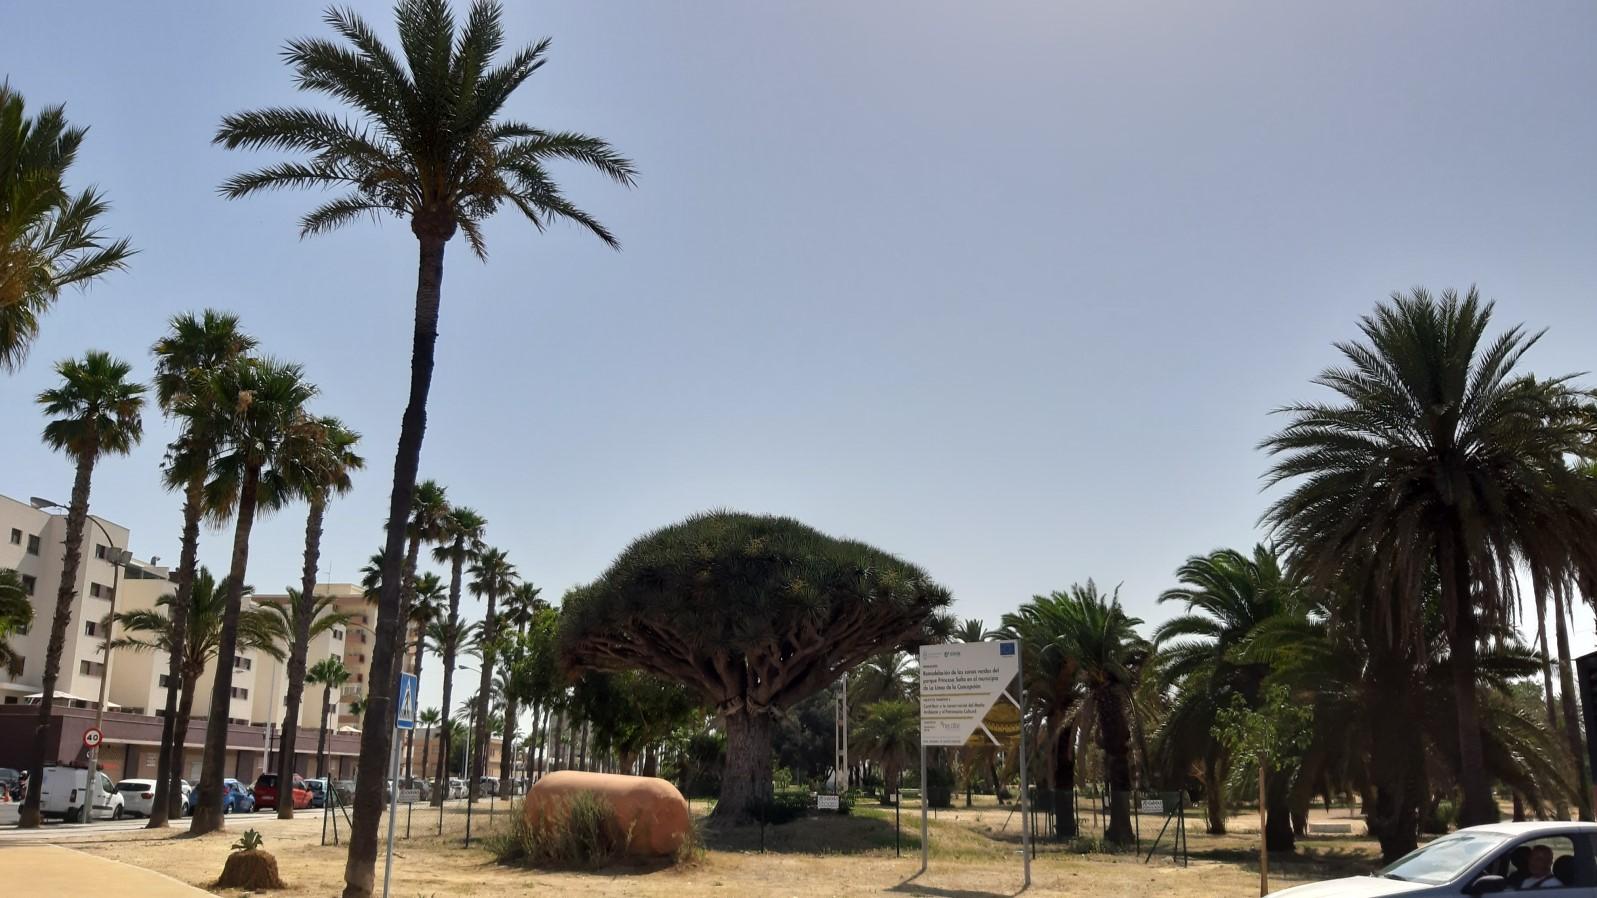 Parque Princesa Sofia I